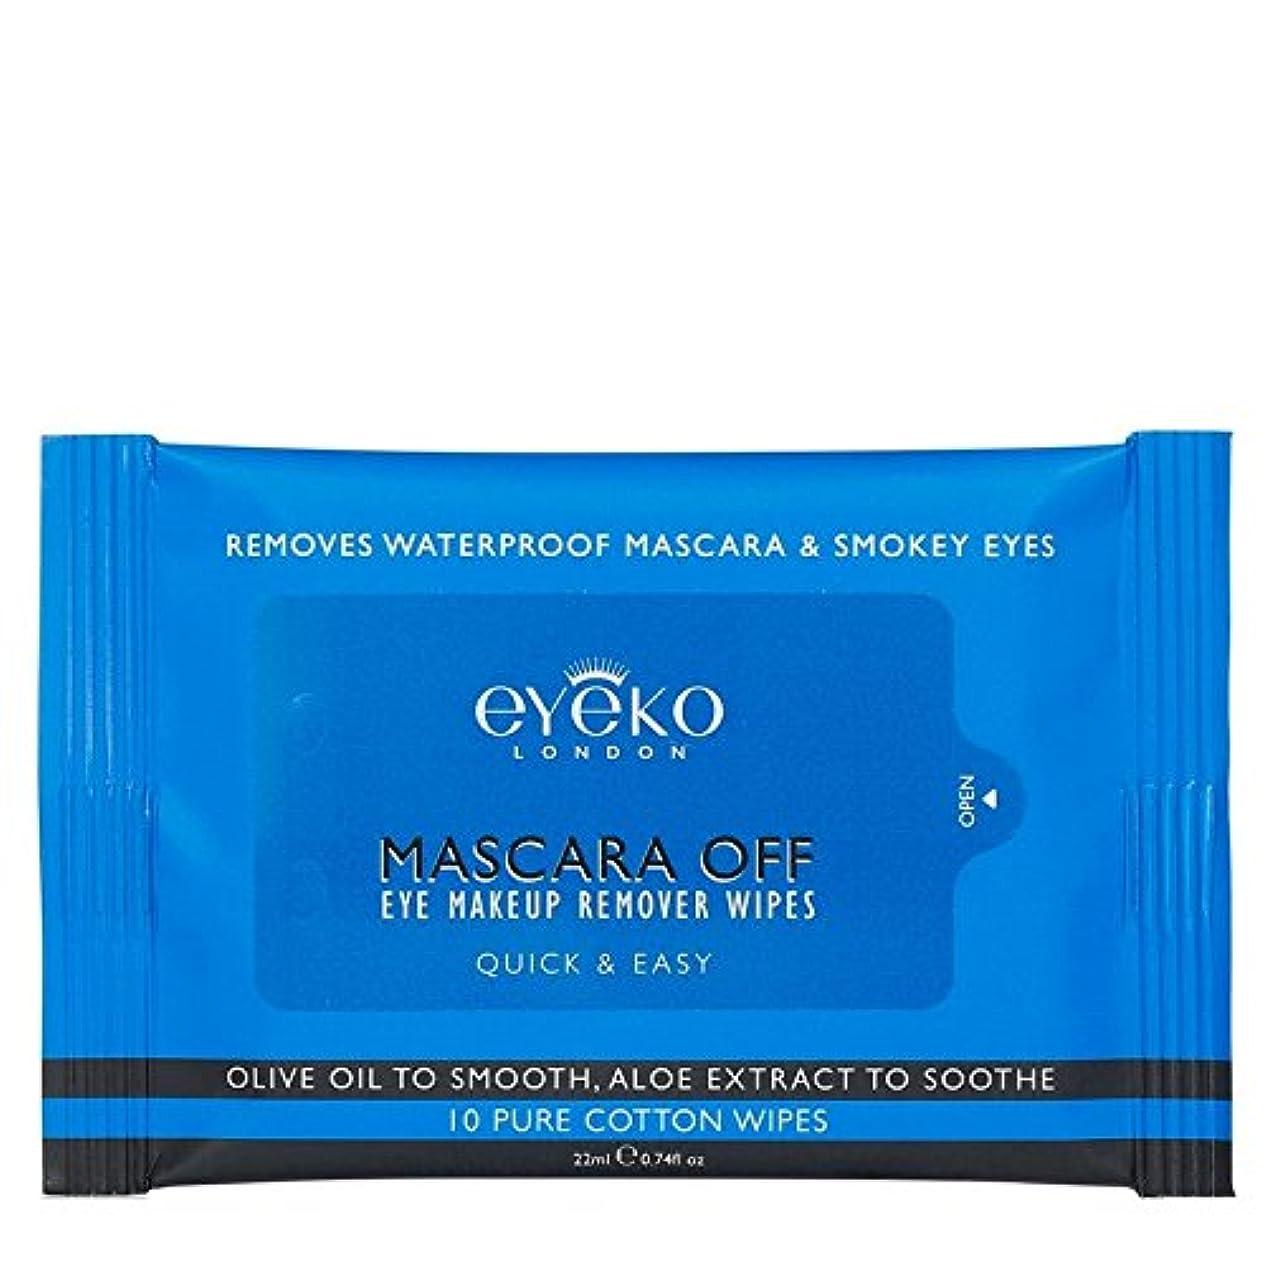 公平最大限再生マスカラオフパックあたり10ワイプ x2 - Eyeko Mascara off Wipes 10 per pack (Pack of 2) [並行輸入品]